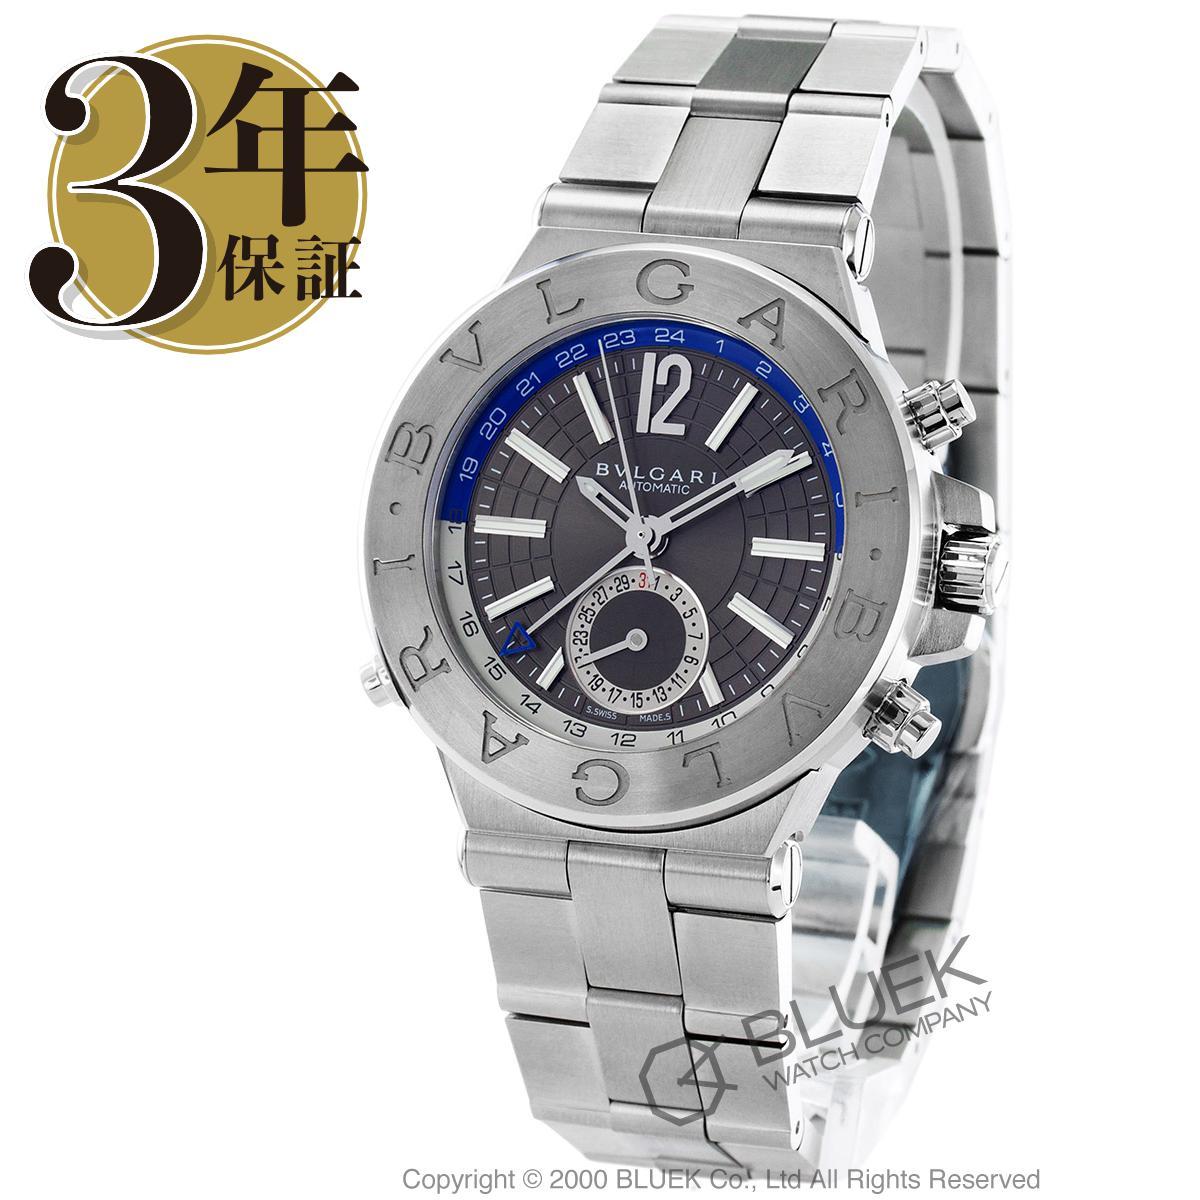 【最大3万円割引クーポン 11/01~】ブルガリ ディアゴノ GMT 腕時計 メンズ BVLGARI DG40C14SSDGMT_8